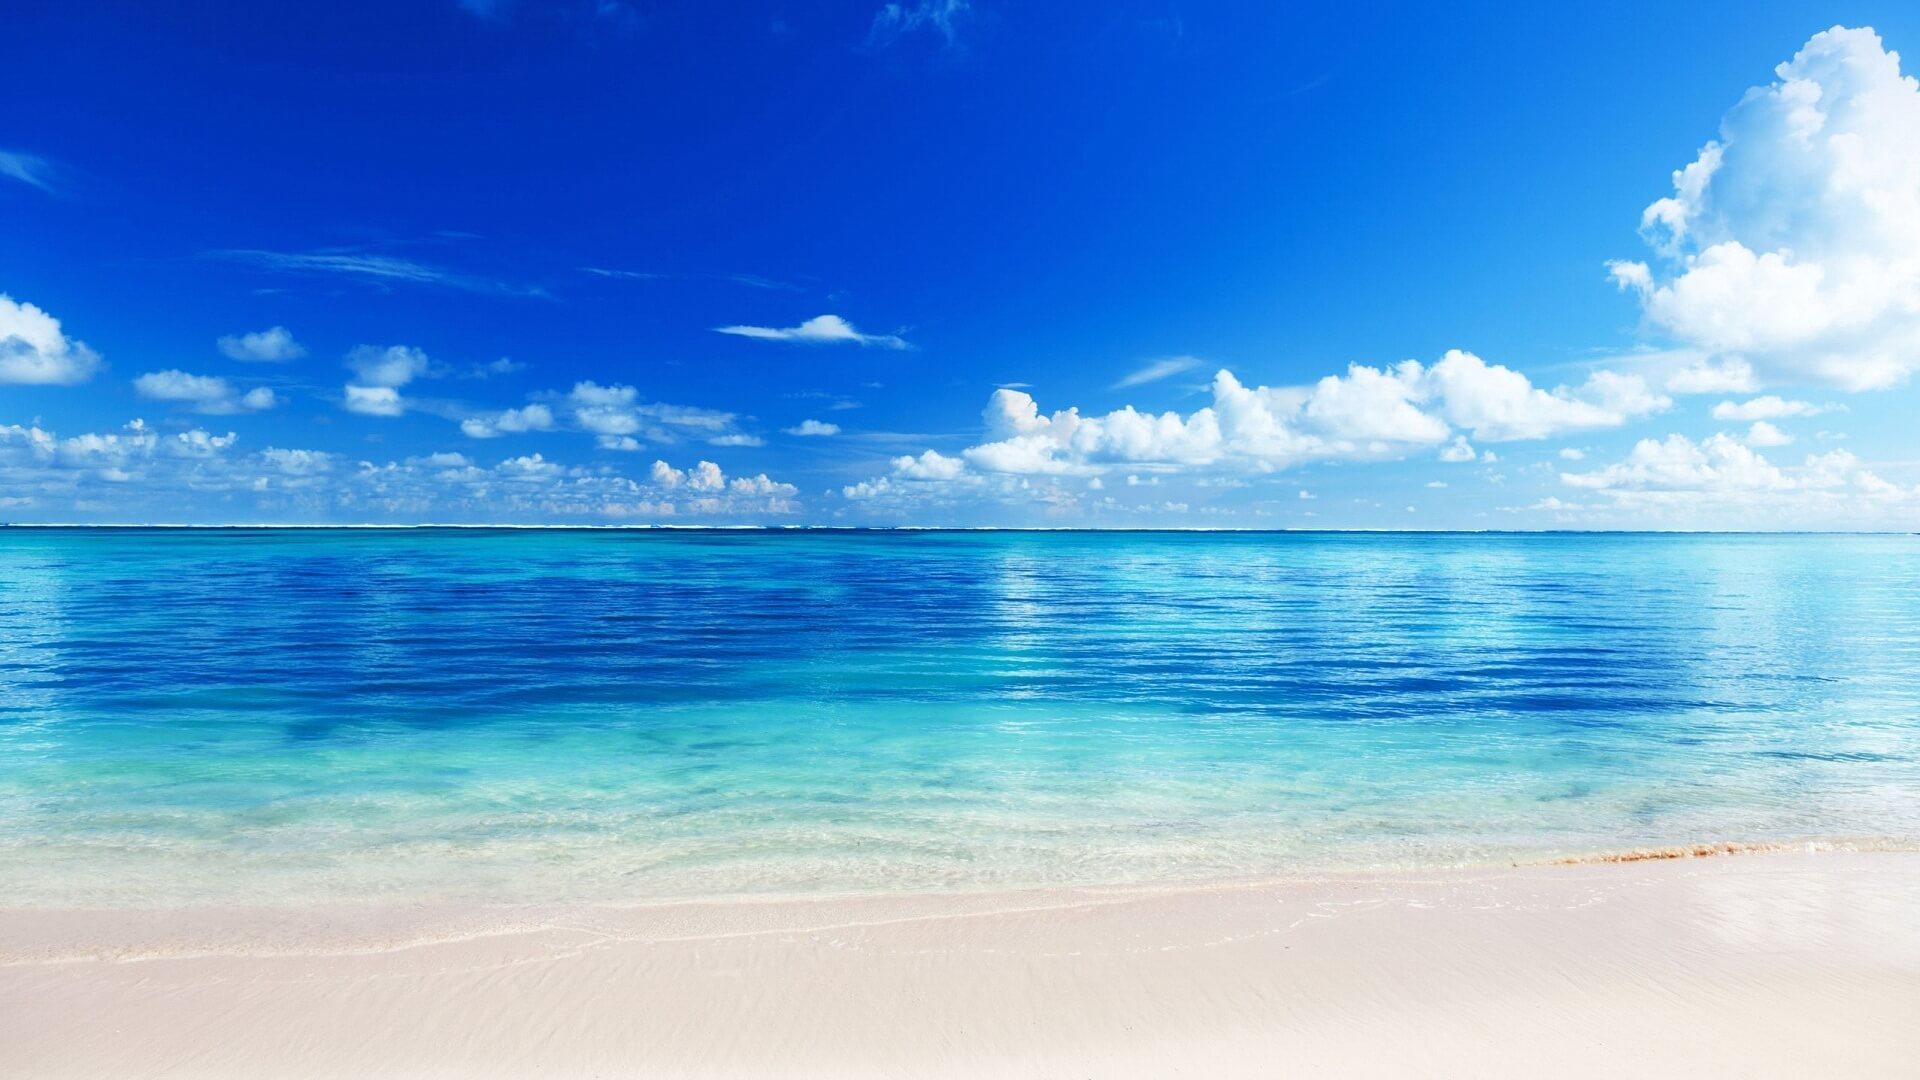 Красивые картинки пляжа для рабочего стола - подборка 4